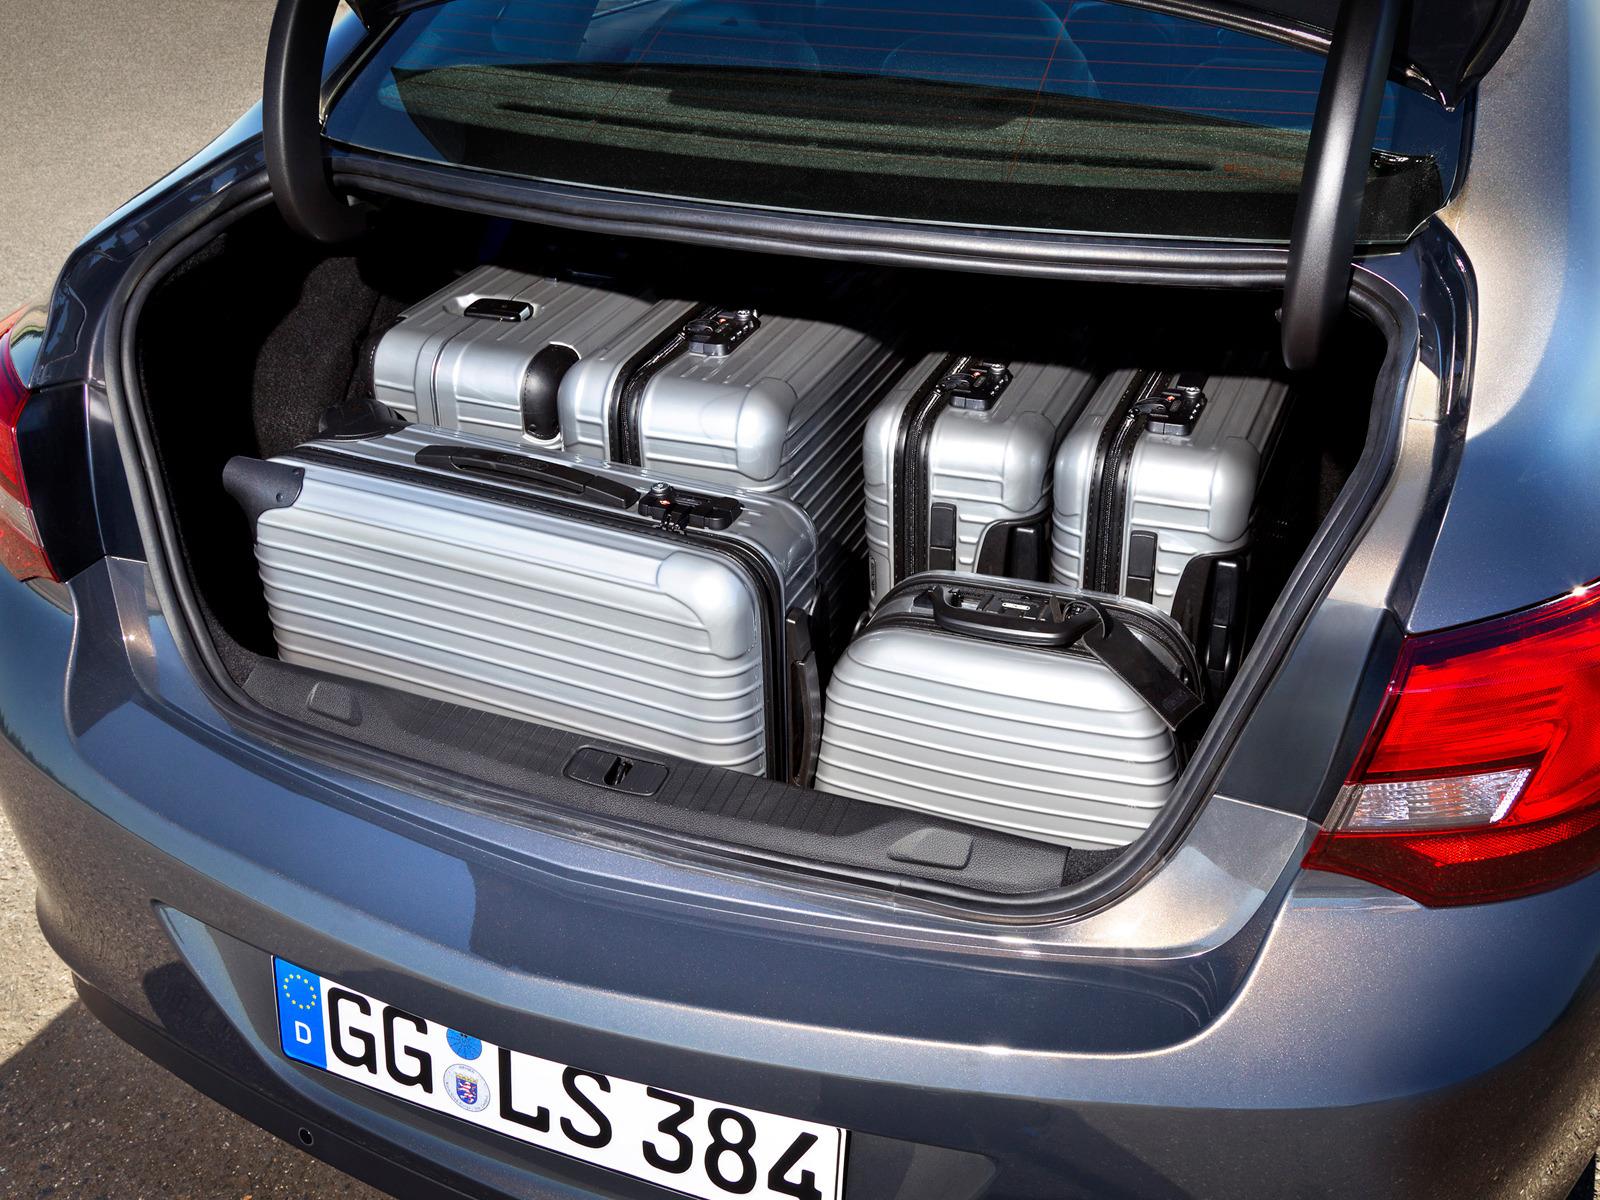 Opel расширяет свою успешную семью модели Astra с новым спортивным и